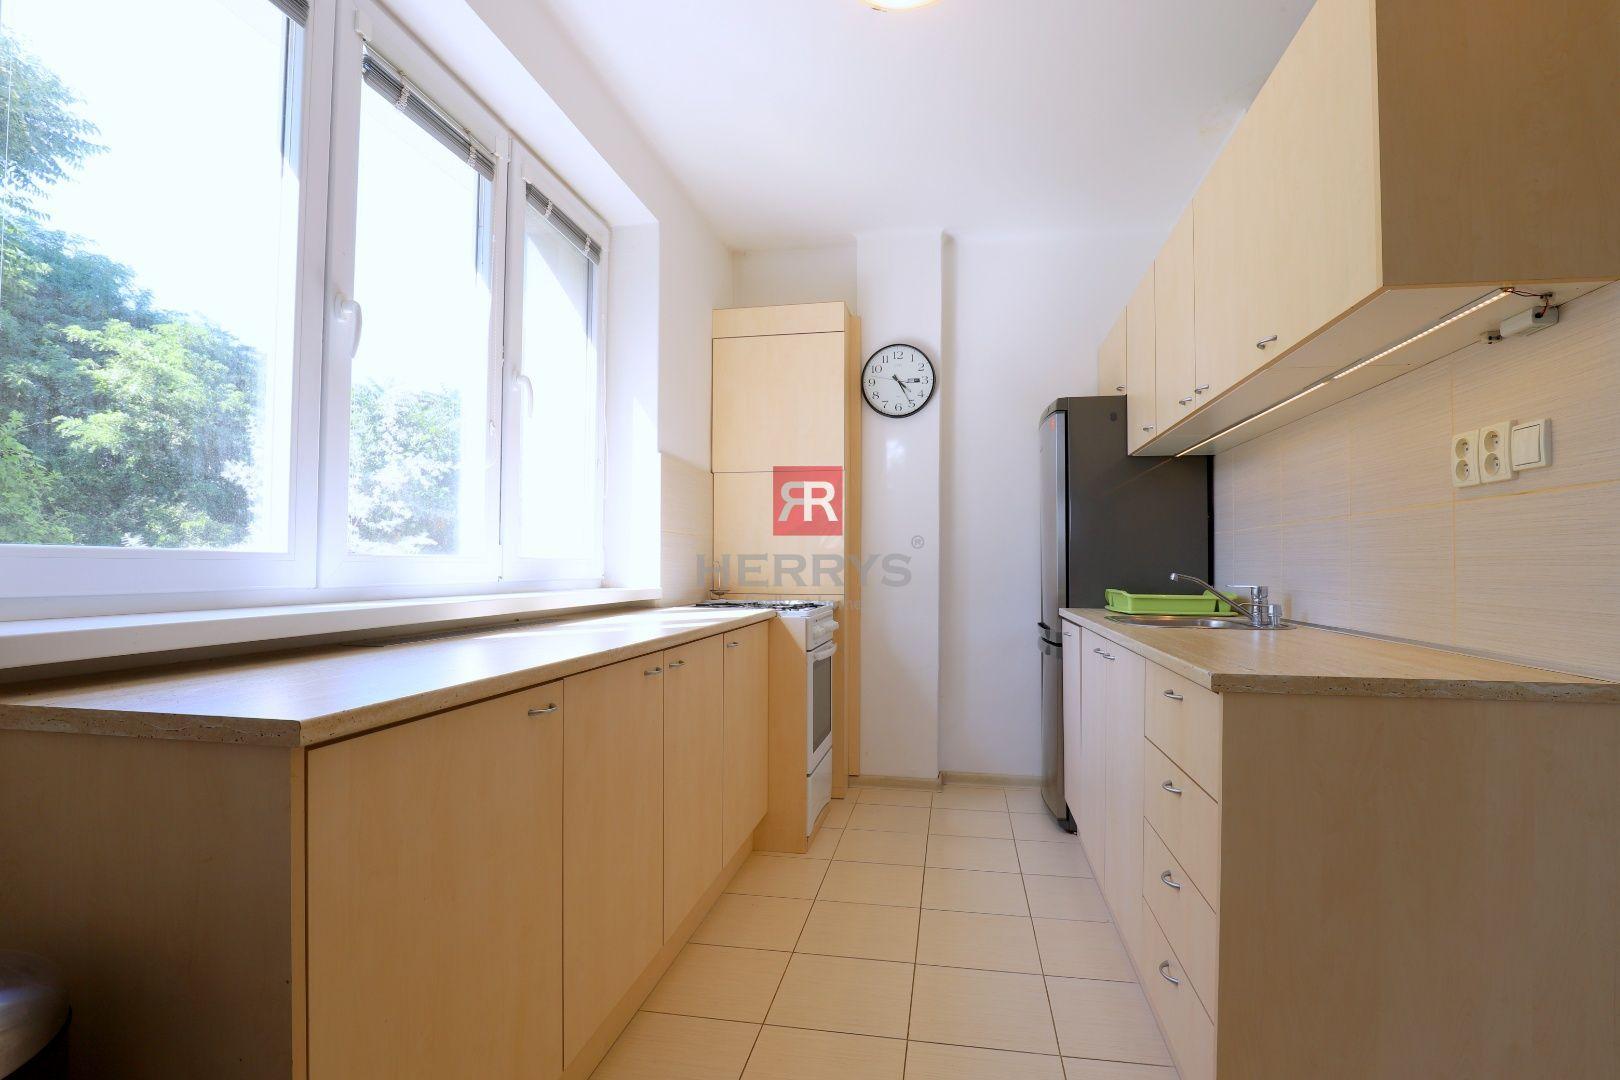 HERRYS - na prenájom 3 izbový byt v tichom prostredí viníc